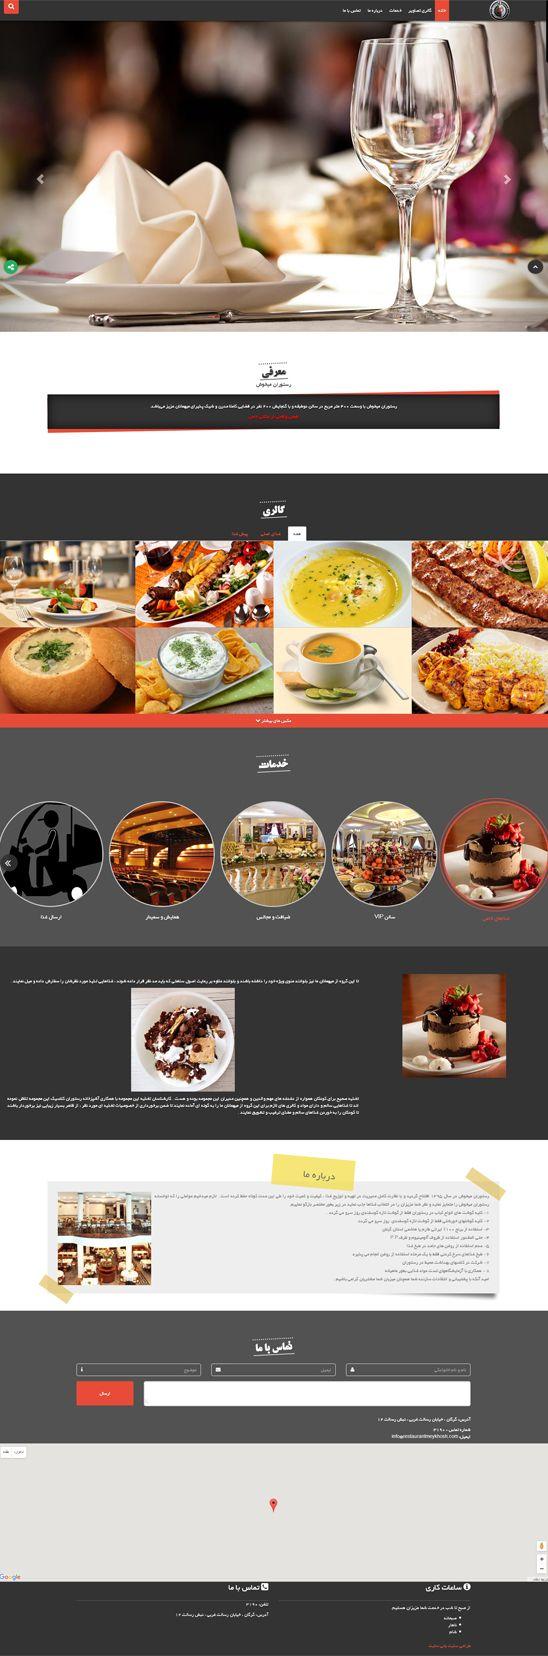 طراحی سایت رستوران می خوش